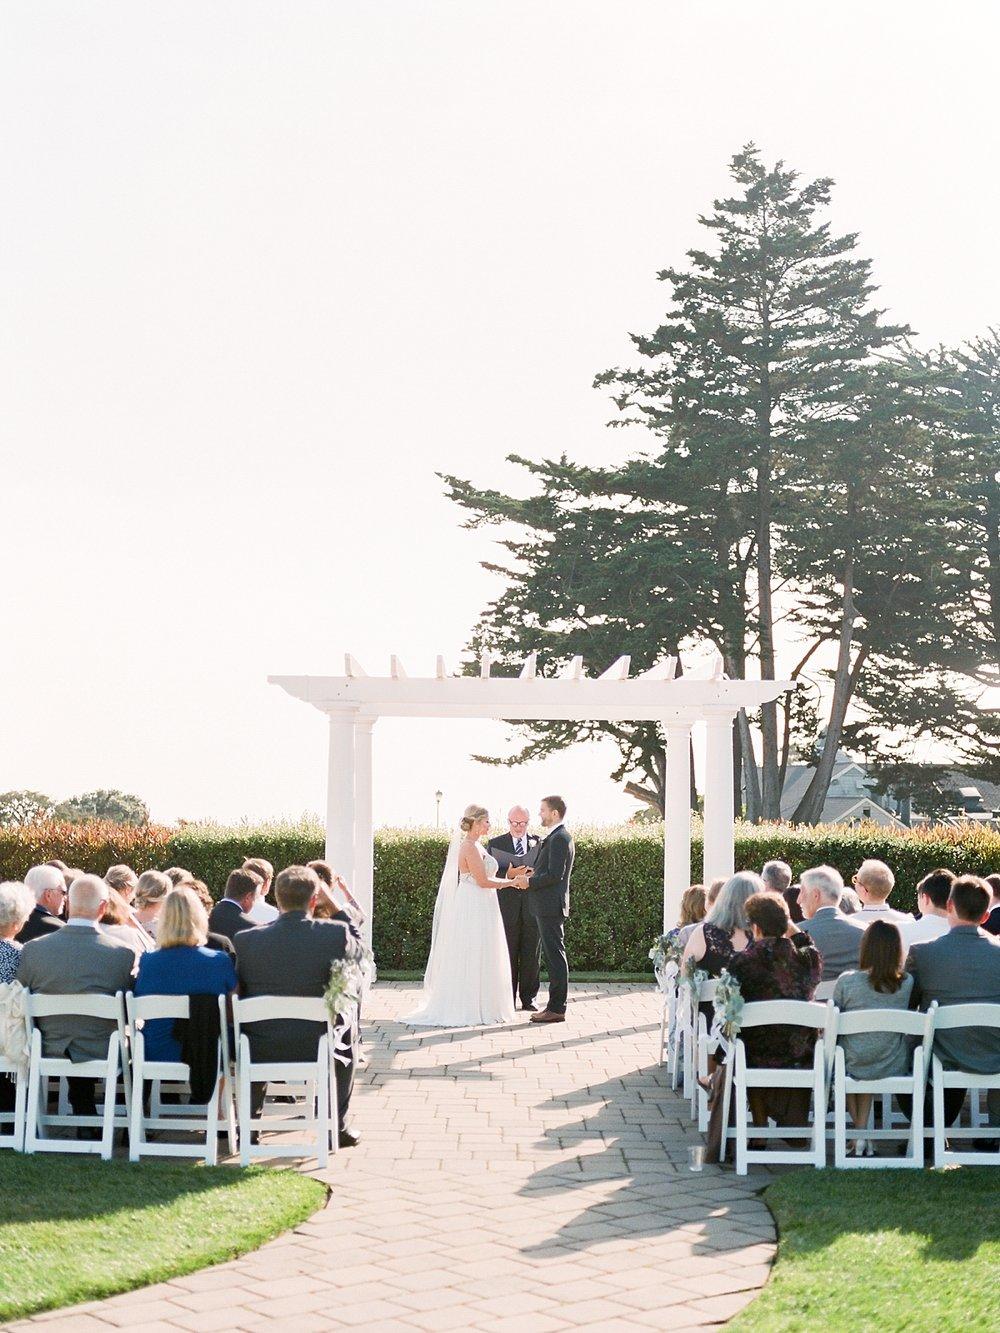 Romantic Coastal Wedding Ceremony in Half Moon Bay